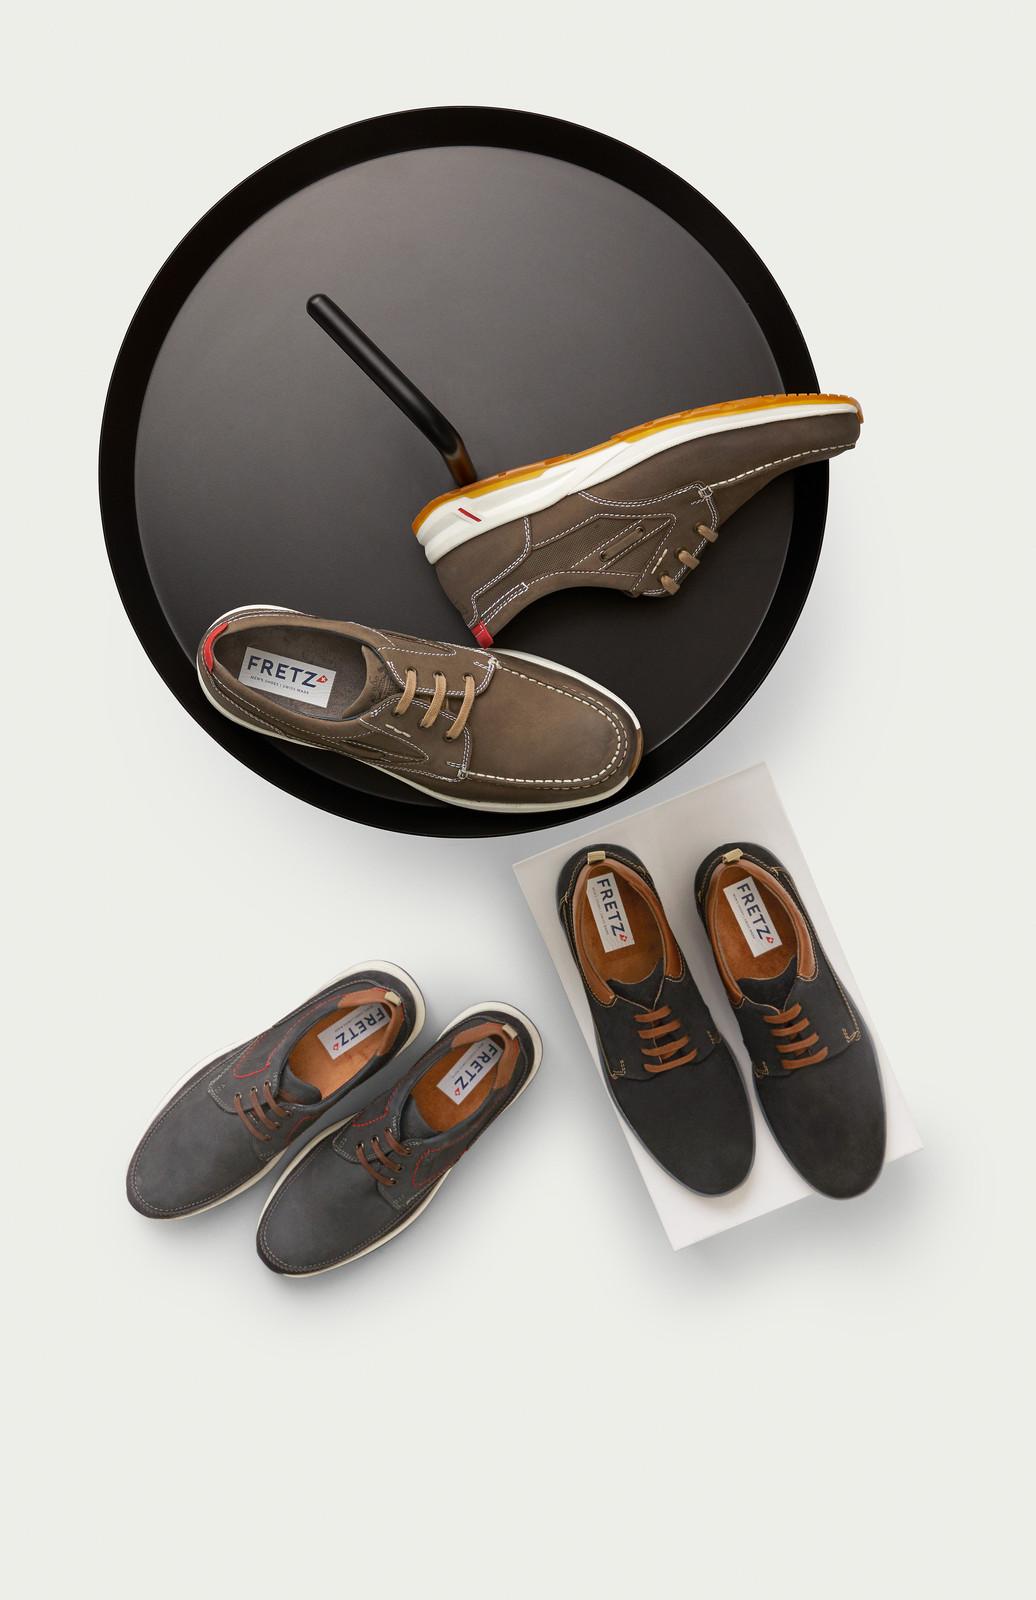 S H Shoes